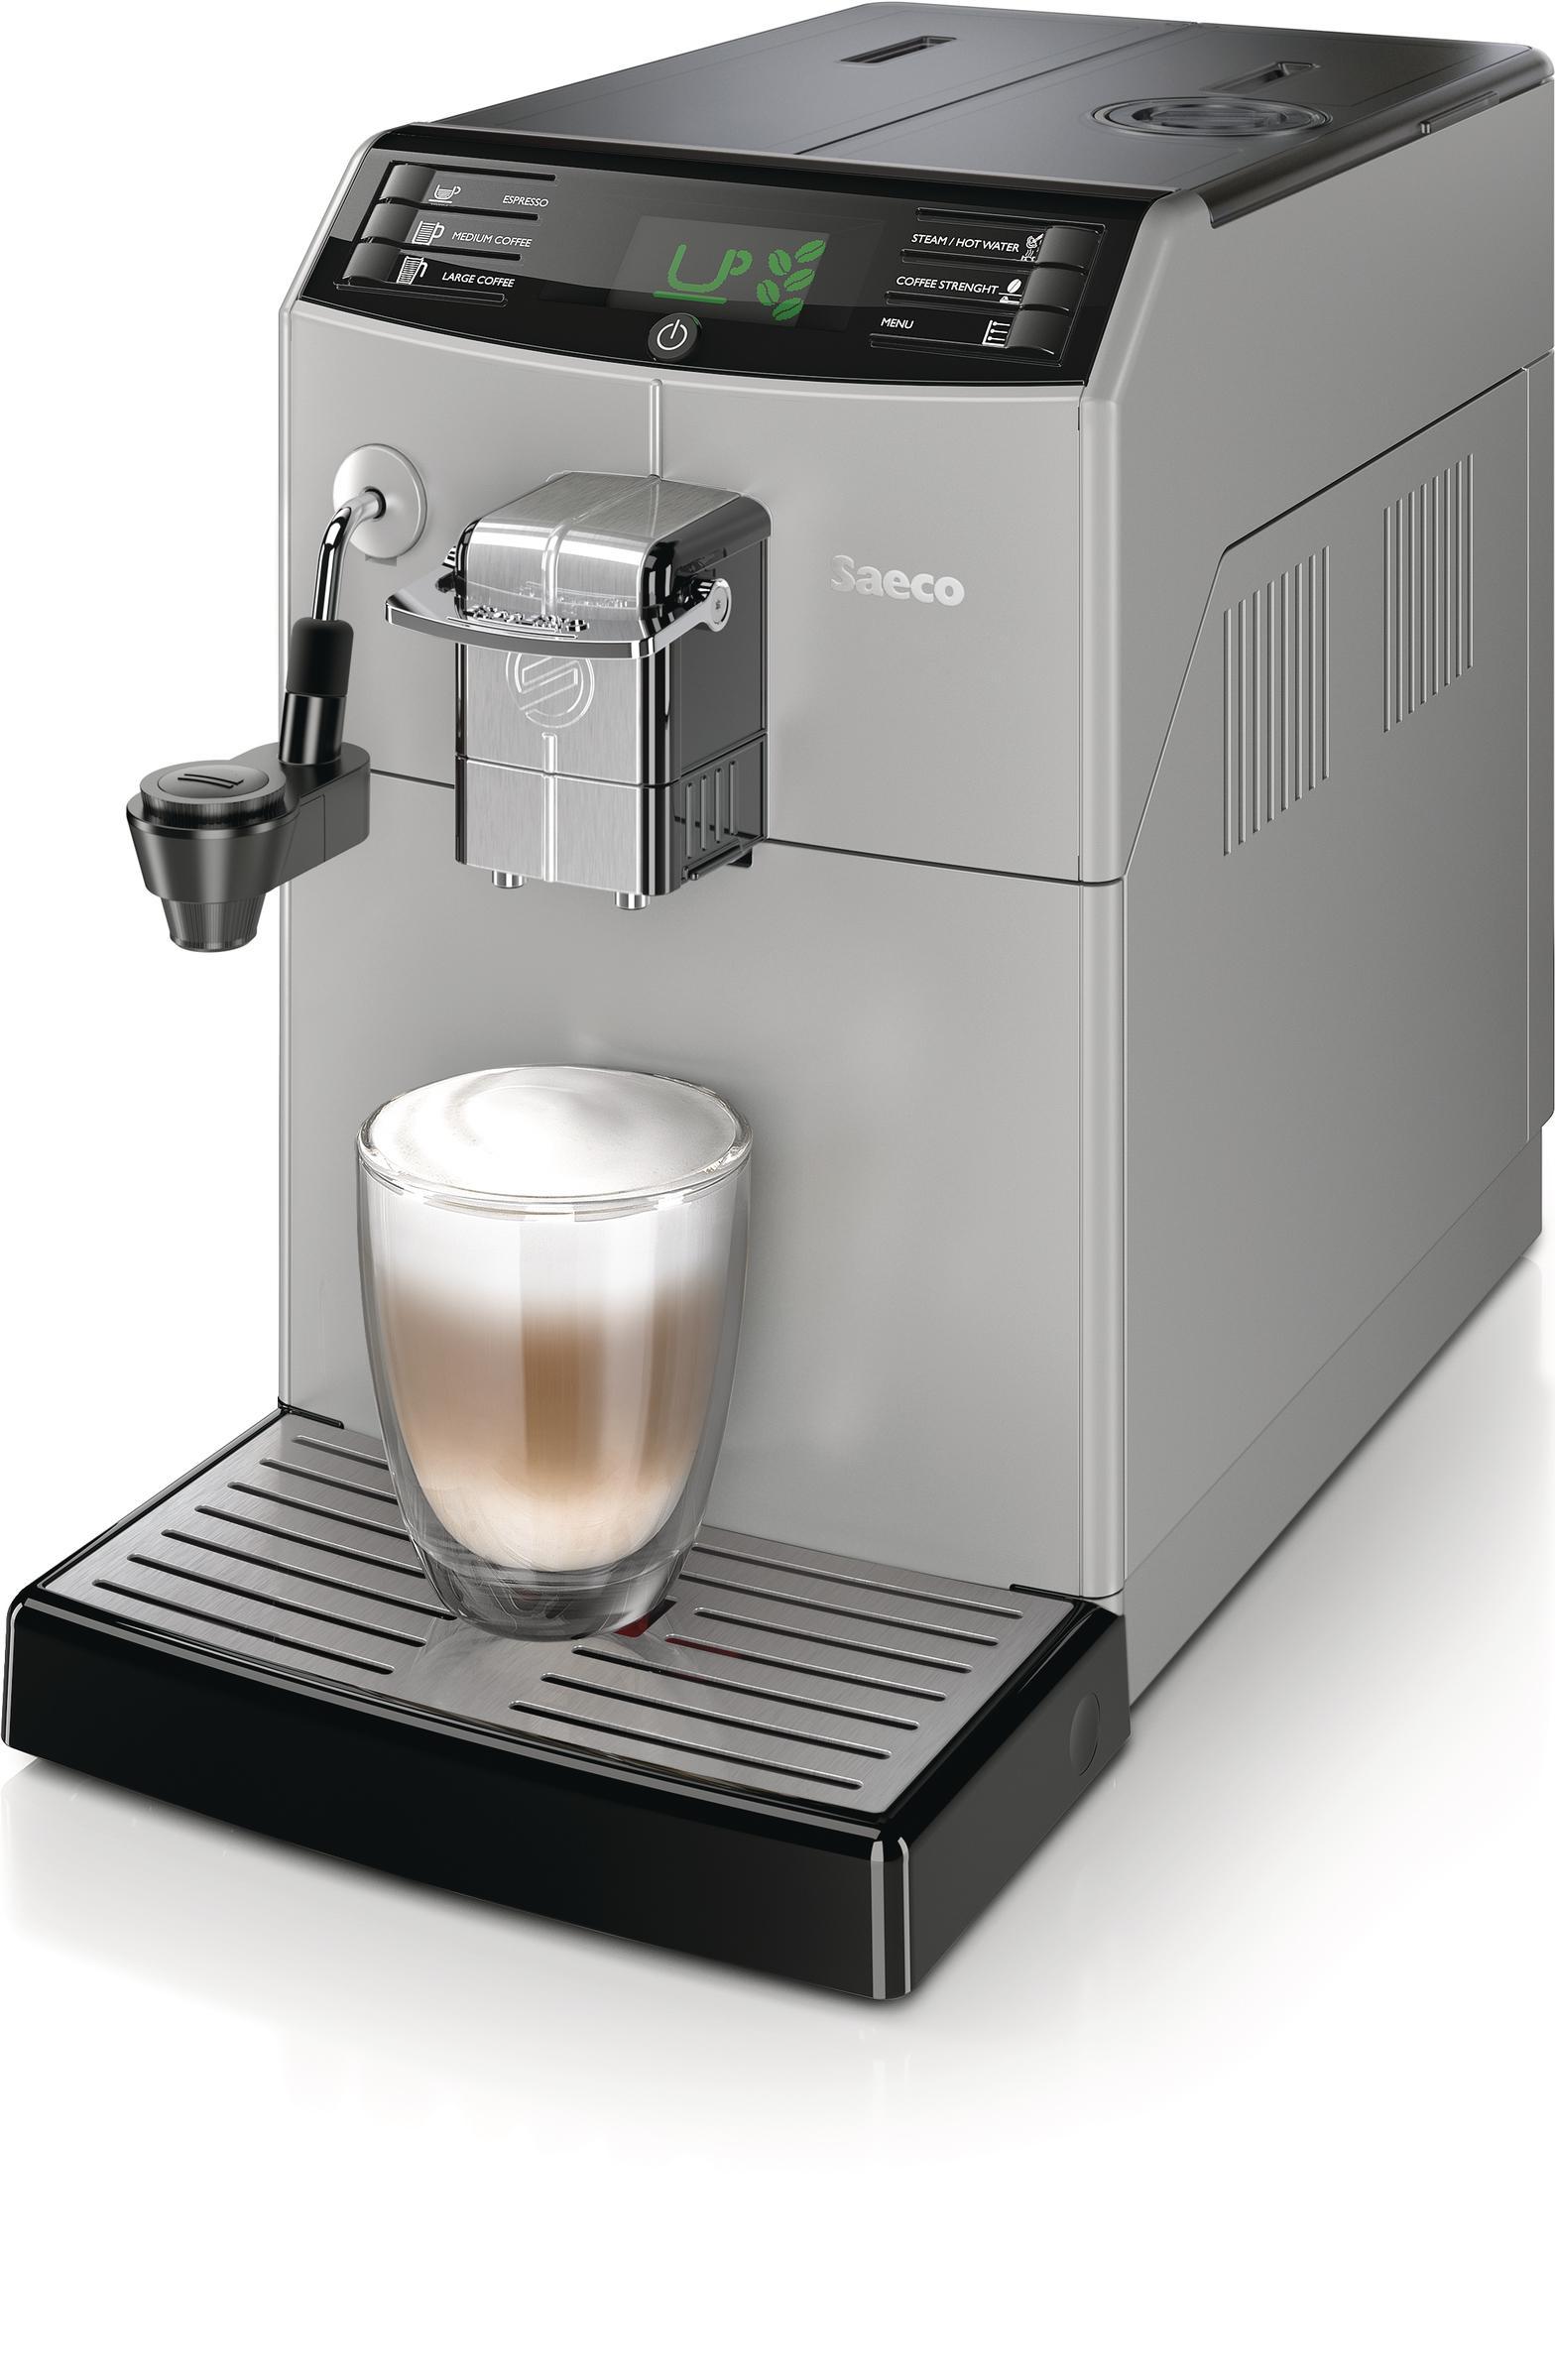 Philips Saeco Hd8772 47 Minuto Class Automatic Espresso